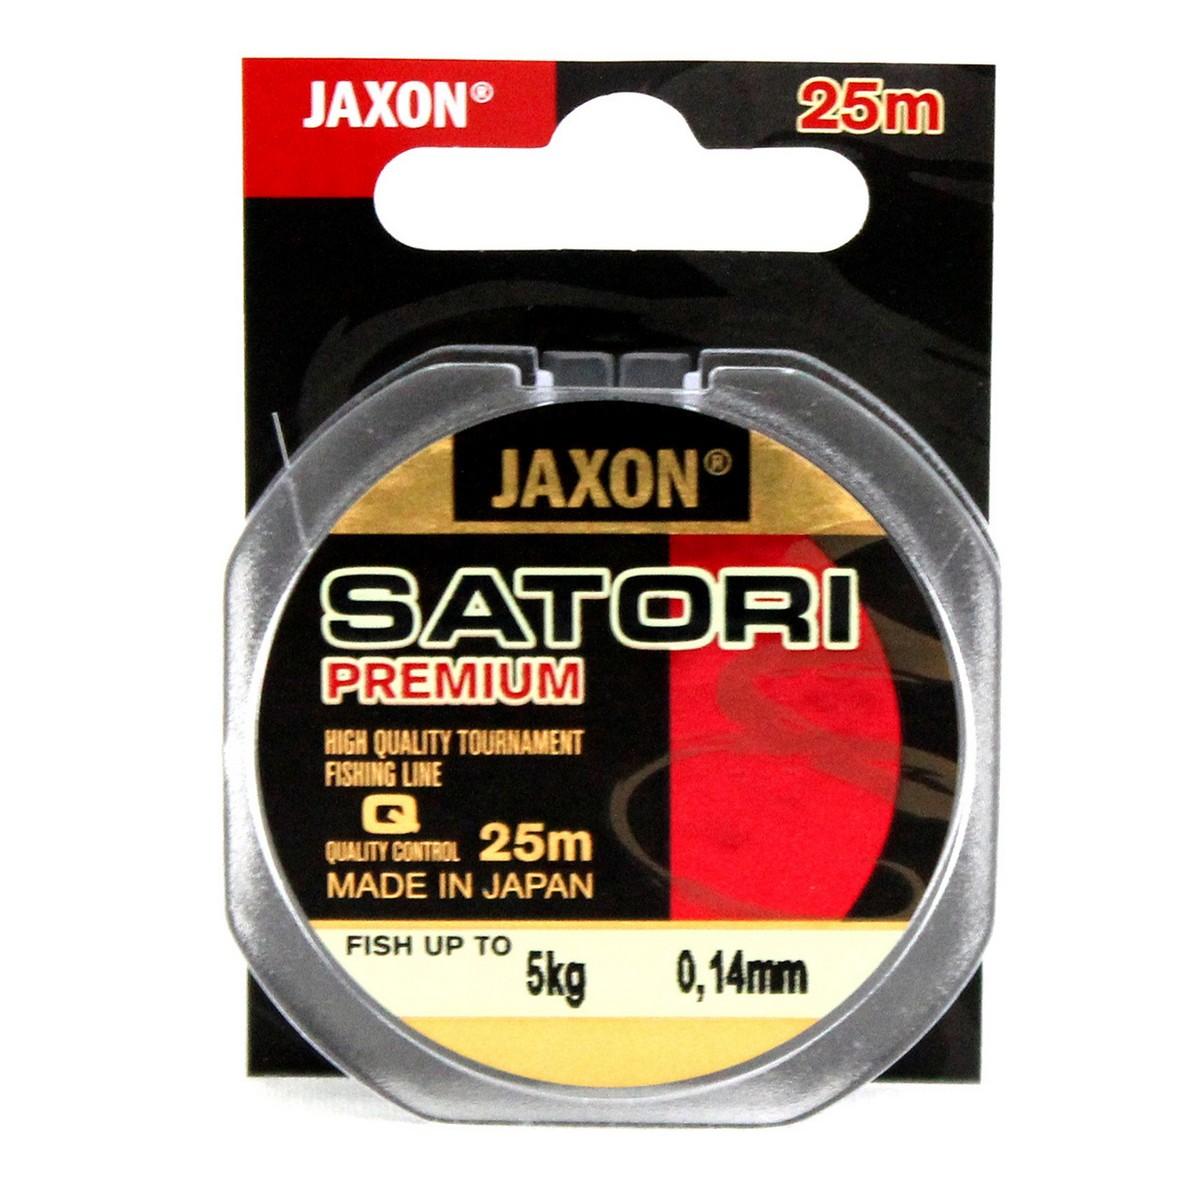 Jaxon Satori Premium 25m-0